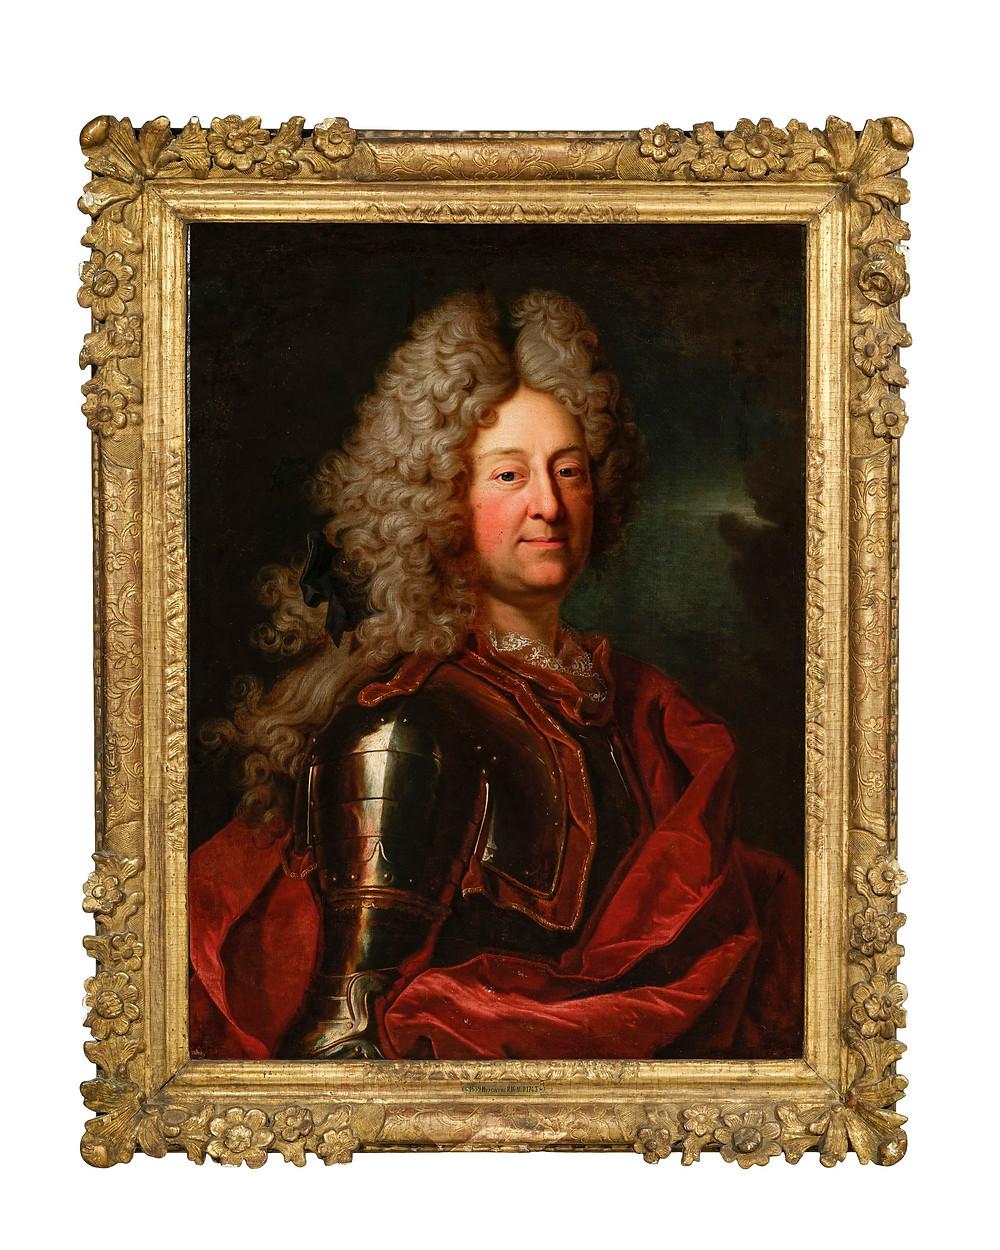 Hyacinthe Rigaud et atelier ou Atelier de Hyacinthe Rigaud, Portrait d'Henri, duc d'Harcourt, 1697-1705, collection particulière